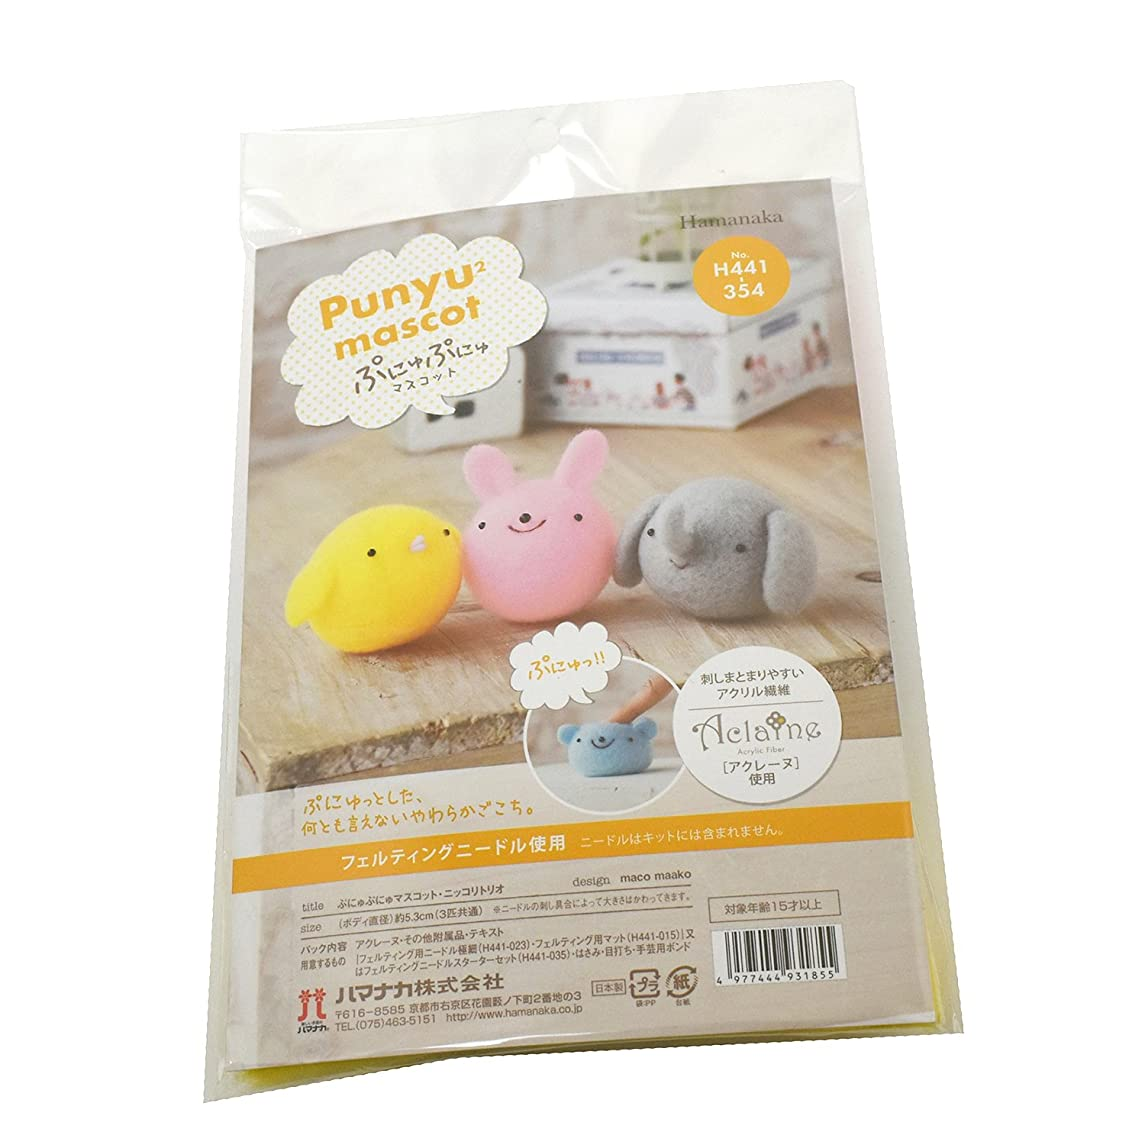 Hamanaka Punyu 2 mascot Chick Rabbit elephant H441- 354 needle felting kits itayeuhgjx3